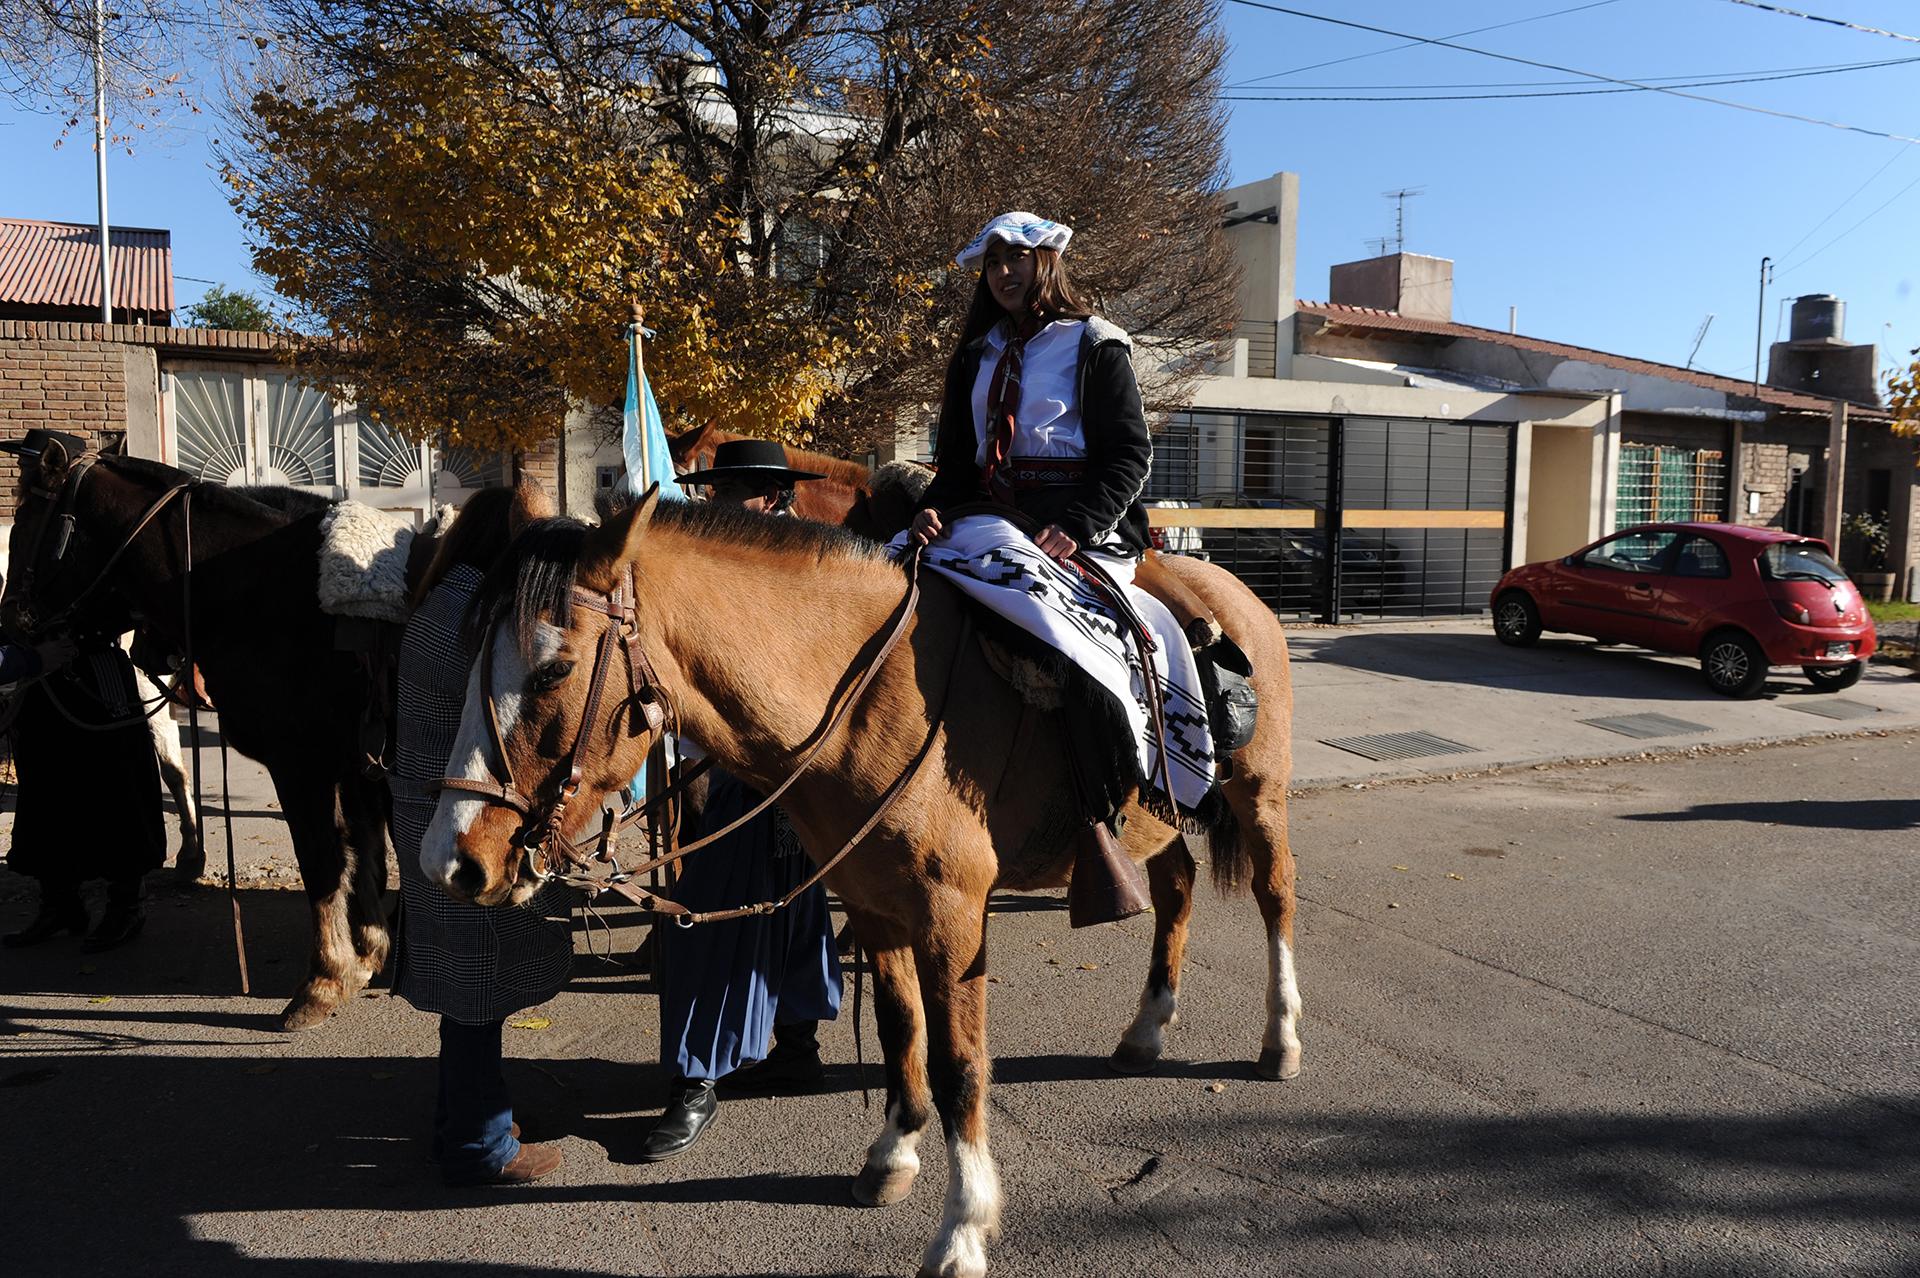 A votar en caballo: una de las imágenes que dejó el domingo electoral en Mendoza